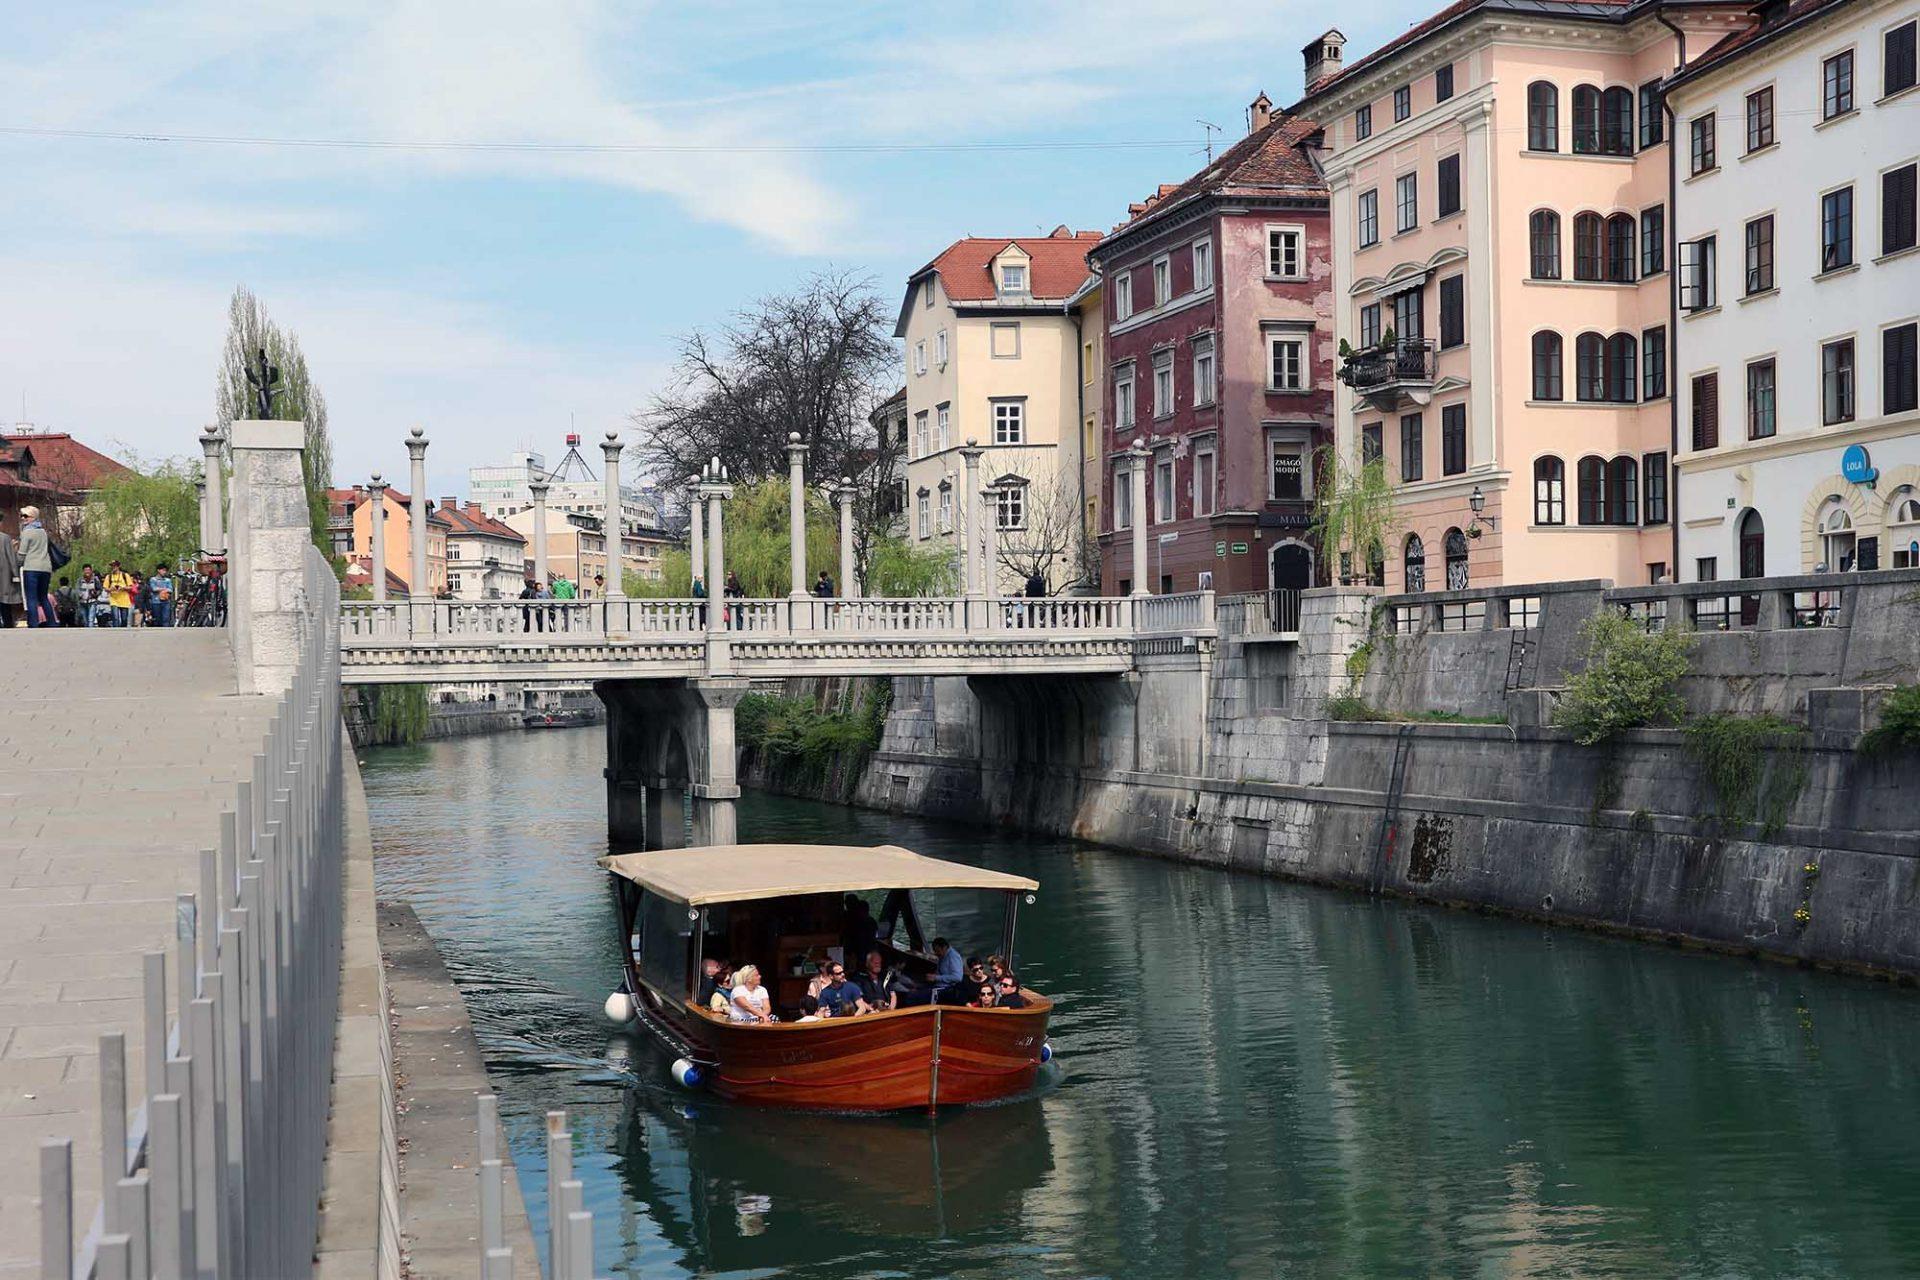 Schusterbrücke.  Anstelle der neuen Schusterbrücke (1931–1932) stand zuvor eine Holzbrücke, die die beiden mittelalterlichen Stadtteile Mestni Trg (Stadtplatz) und Novi Trg (Neuer Platz) miteinander verband. Ihr Name geht auf die Schuster zurück, die hier ihre Werkstätten errichtet hatten. Wie bei den Drei Brücken wird die Überquerung beidseitig von schlichten Kunststeinballustraden begrenzt. Die fünf Segmente werden durch sechs schlanke Säulen, die Steinkugeln tragen, zu jeder Seite unterteilt. Sie deuten auf im Mittelalter bebauten Brücken, wie sie beispielsweise noch heute in Florenz und Erfurt zu sehen sind.